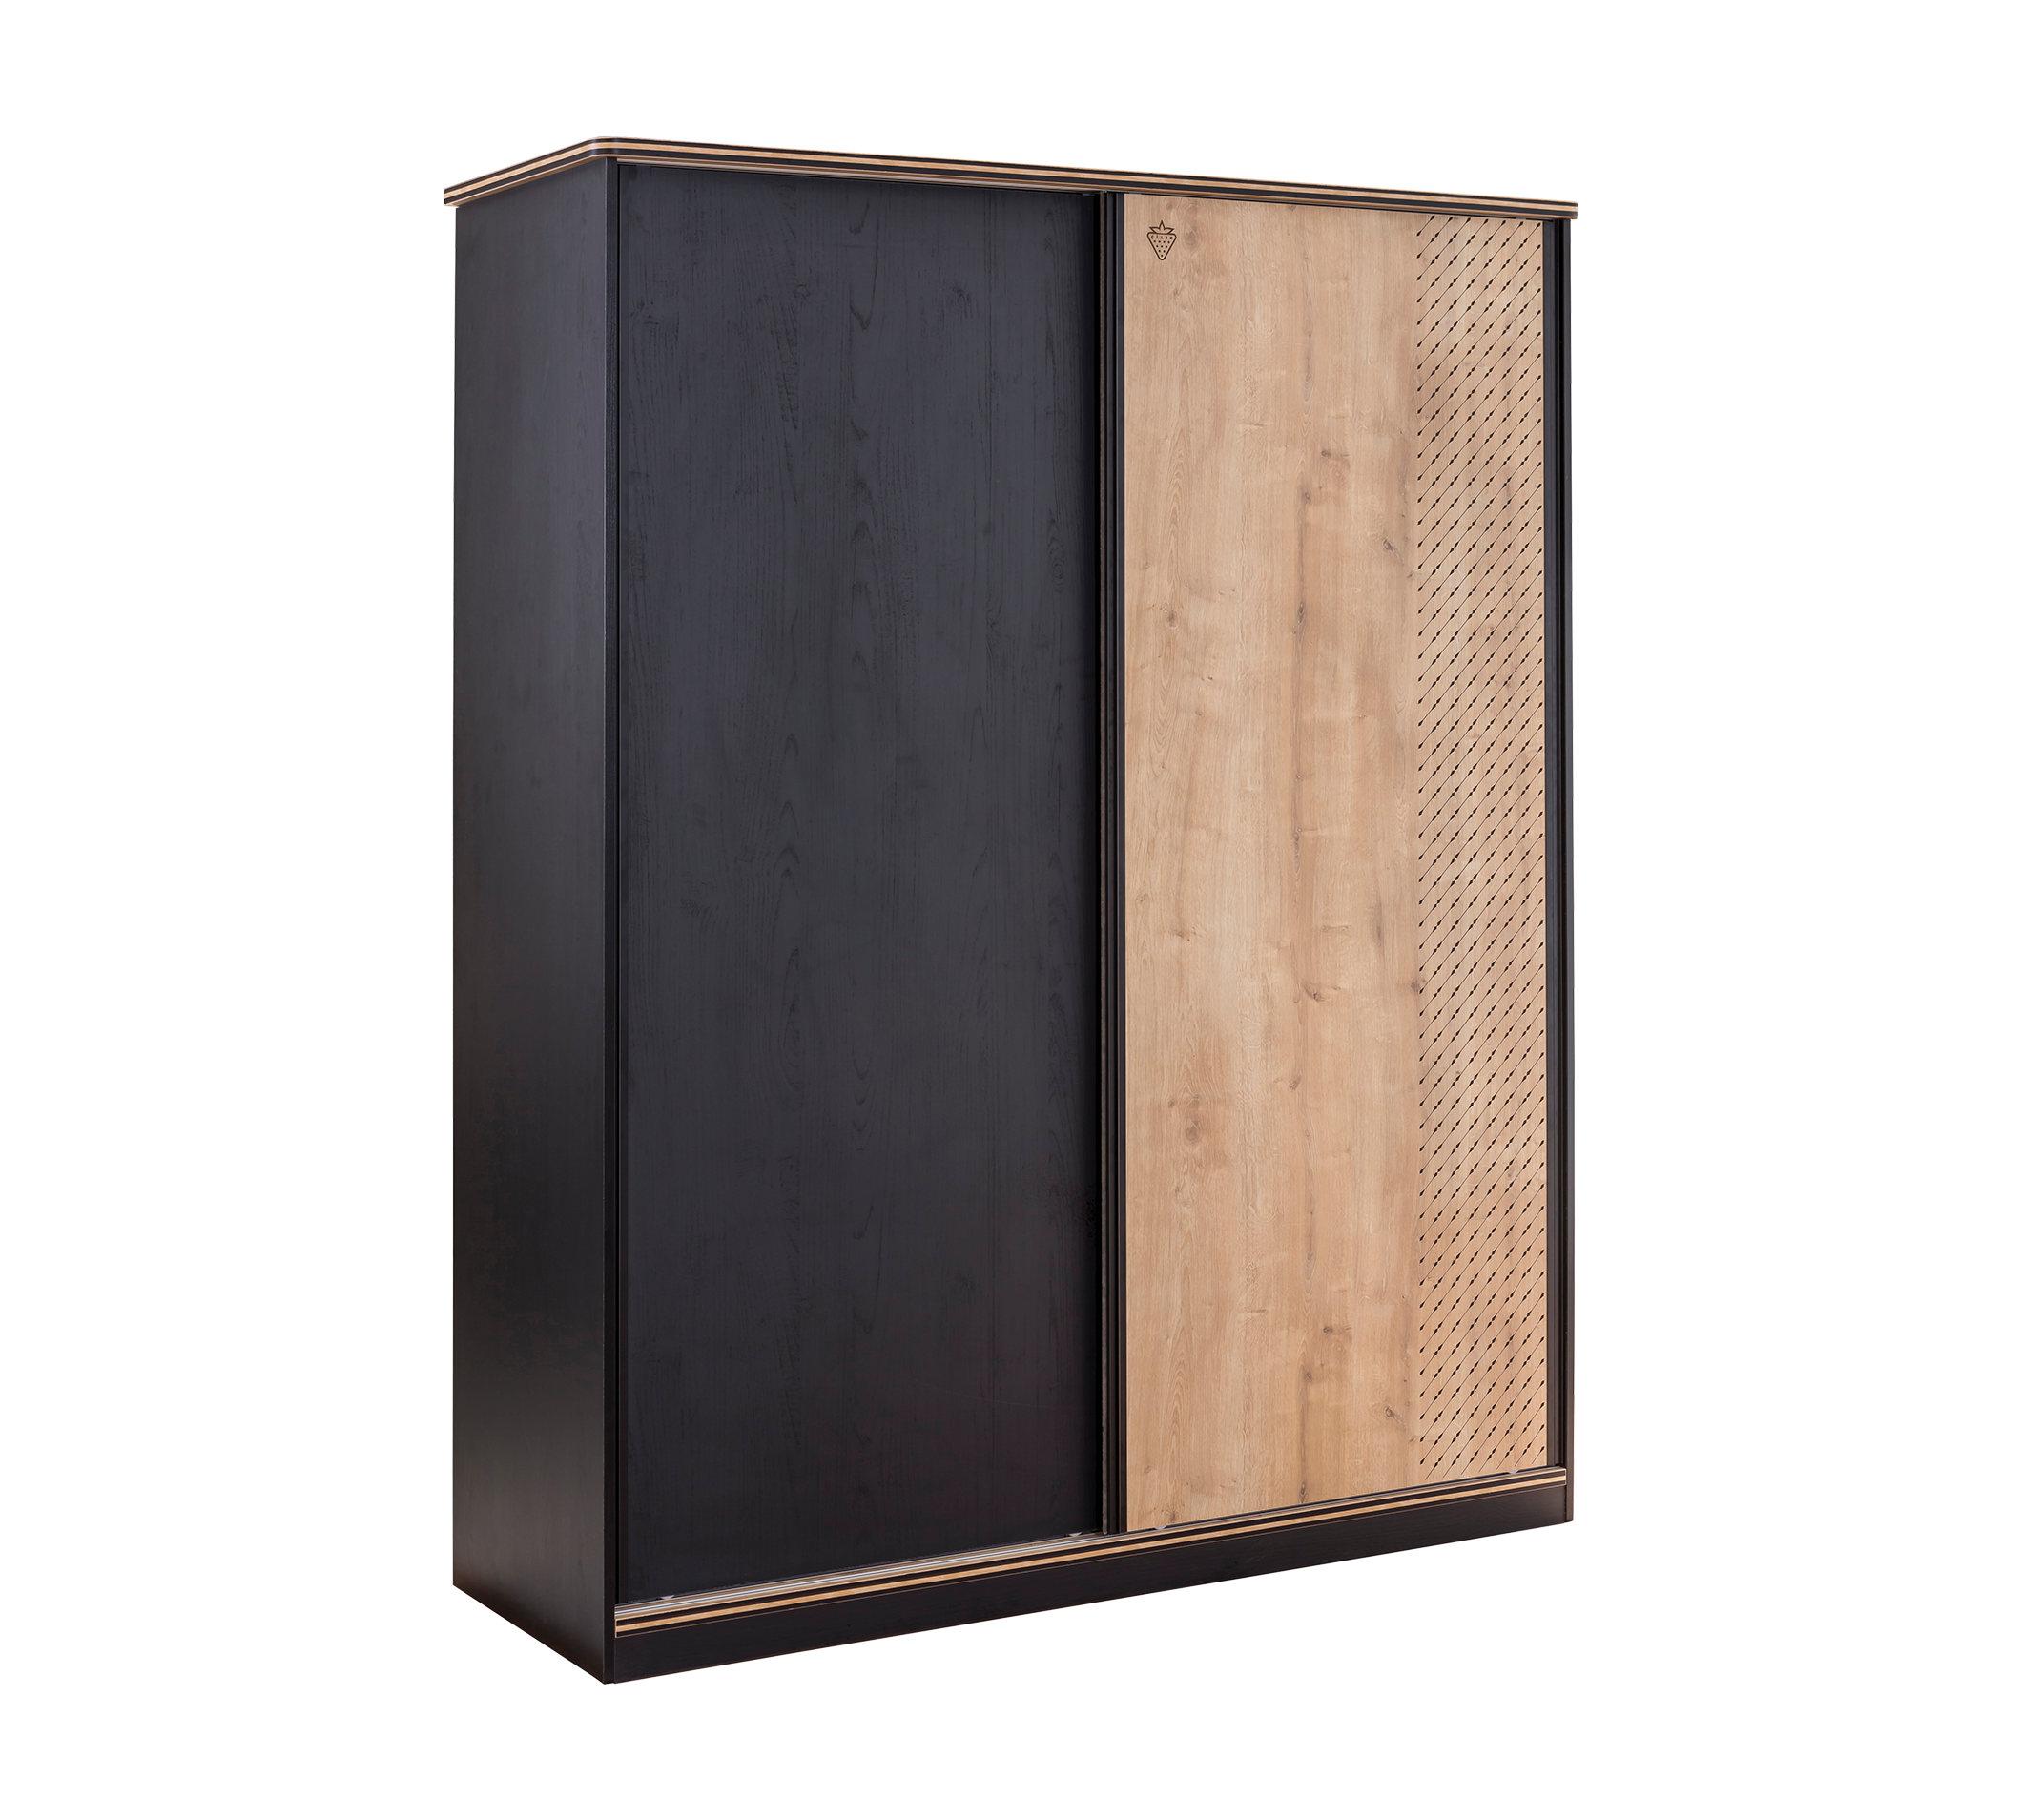 Купить Шкаф Cilek Black большой, со сдвижными дверями, Шкафы в детскую комнату